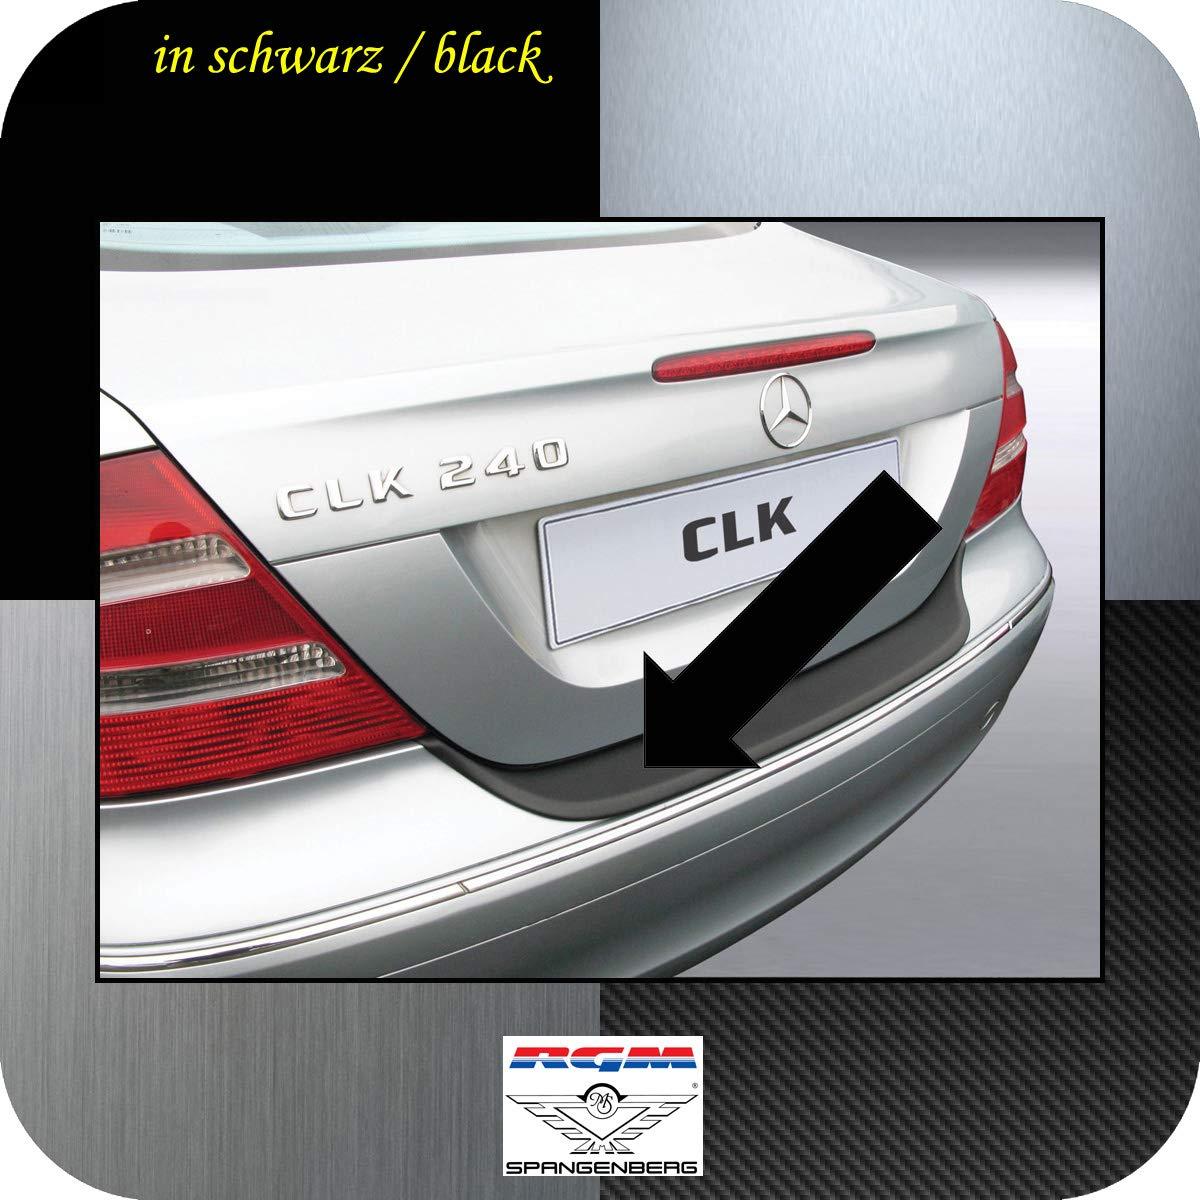 Original RGM ladekant Protección Negro para Mercedes Benz Clase CLK C209 Coupe y A209 Cabriolet (W 209) a partir de Facelift Diseño años 09.2005 - 04.2009 ...